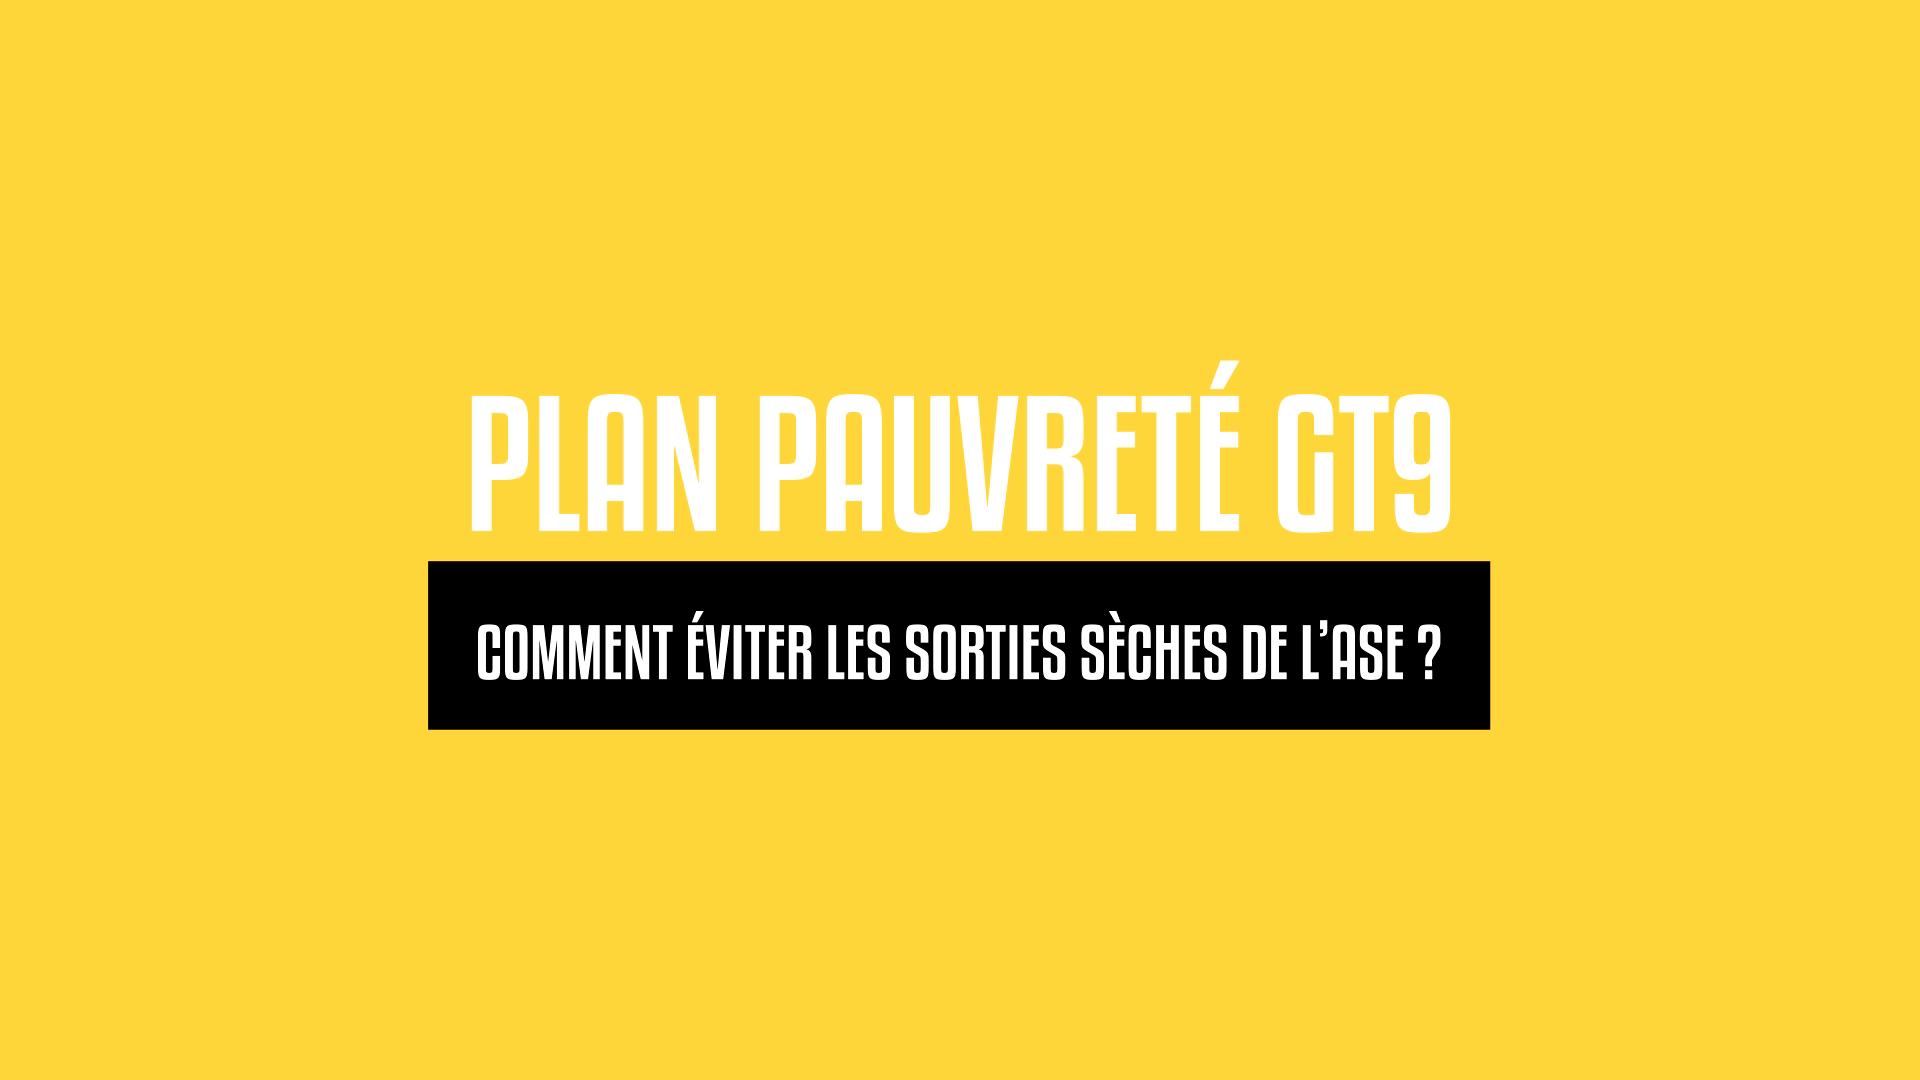 Comment éviter les sorties sèches de l'ASE ? GT9 Plan Pauvreté